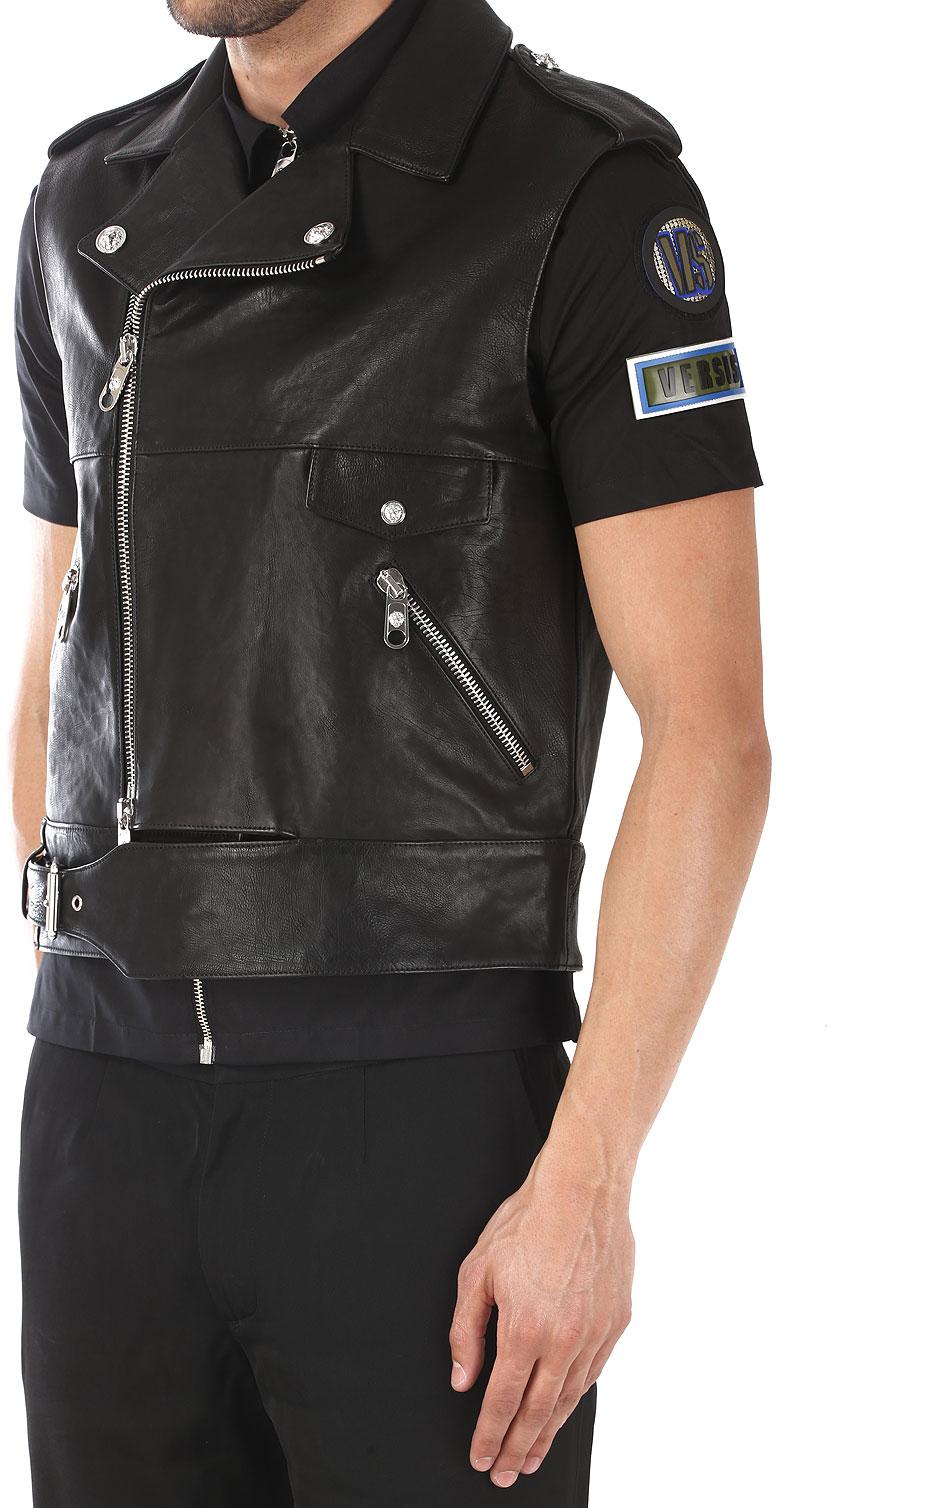 Codice Abbigliamento Versace Abbigliamento Uomo b1008 bp00237 bu50304 Uomo Articolo Rnxw7w